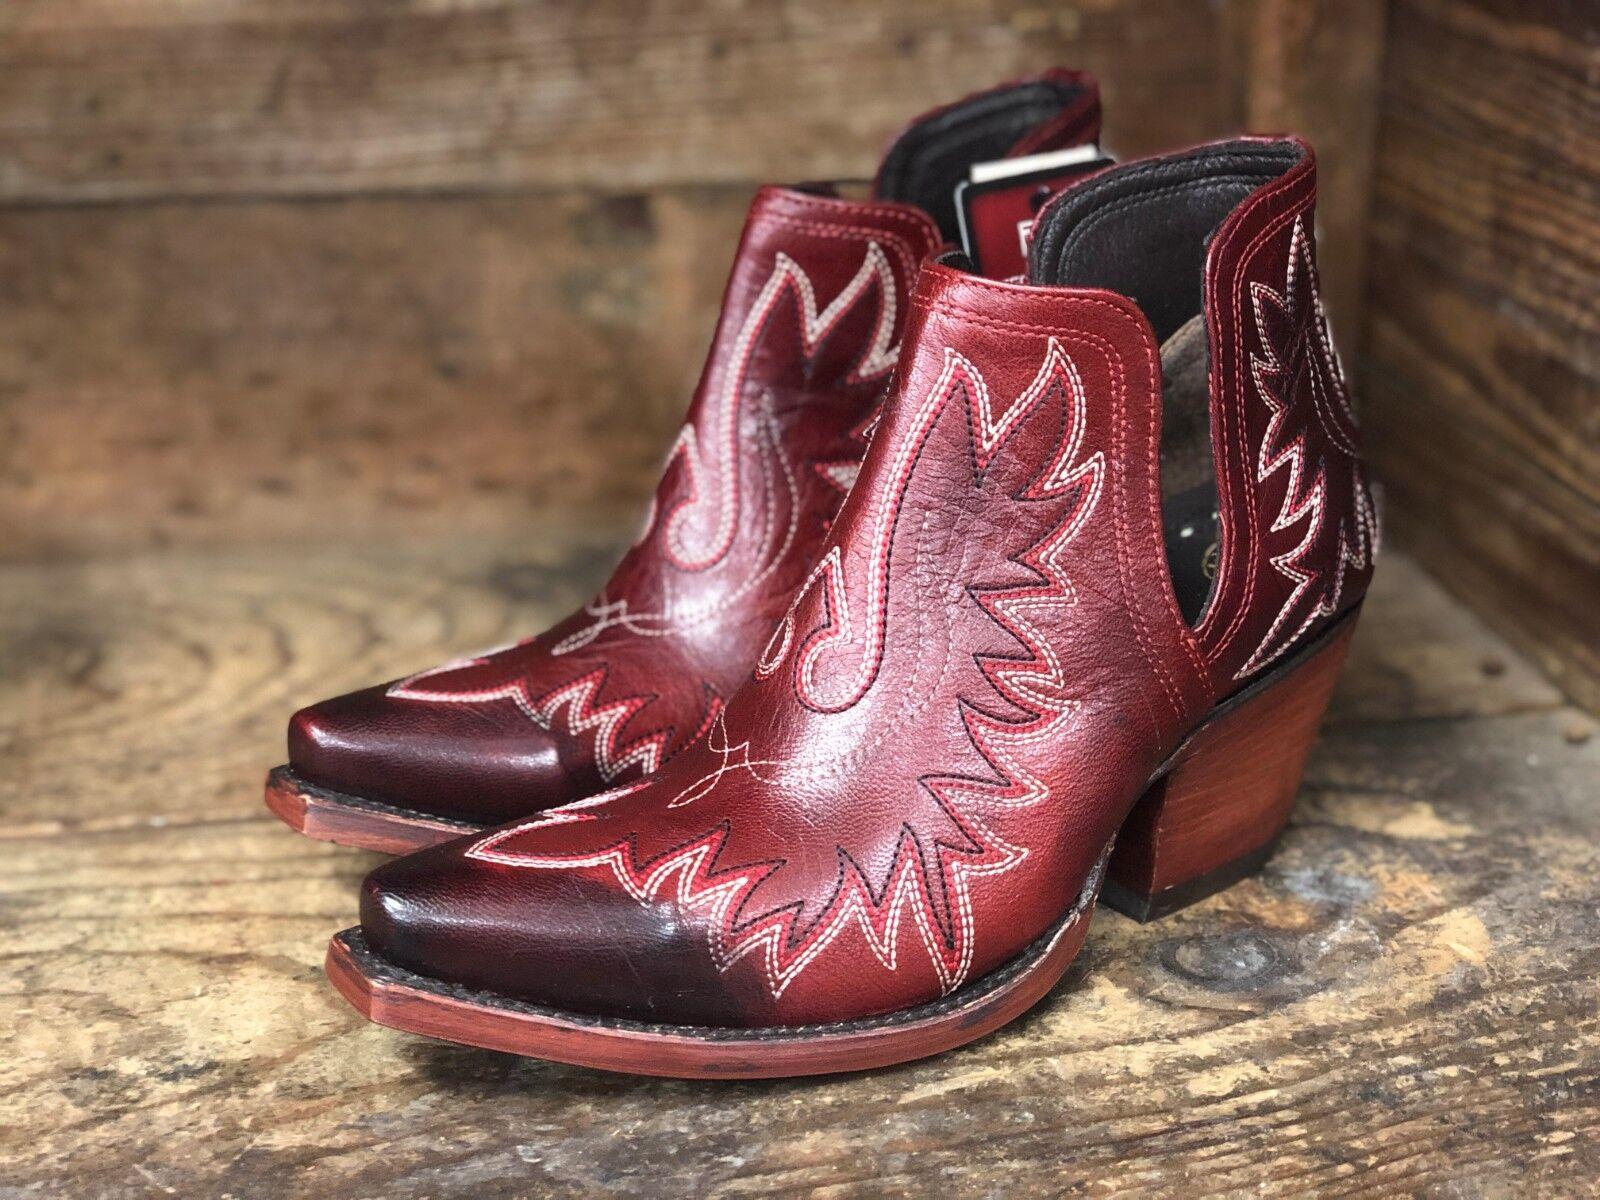 Ariat Mujer Mujer Mujer Dixon Rojo botas al Tobillo Shortie SNIP del dedo del pie 10027285  tienda